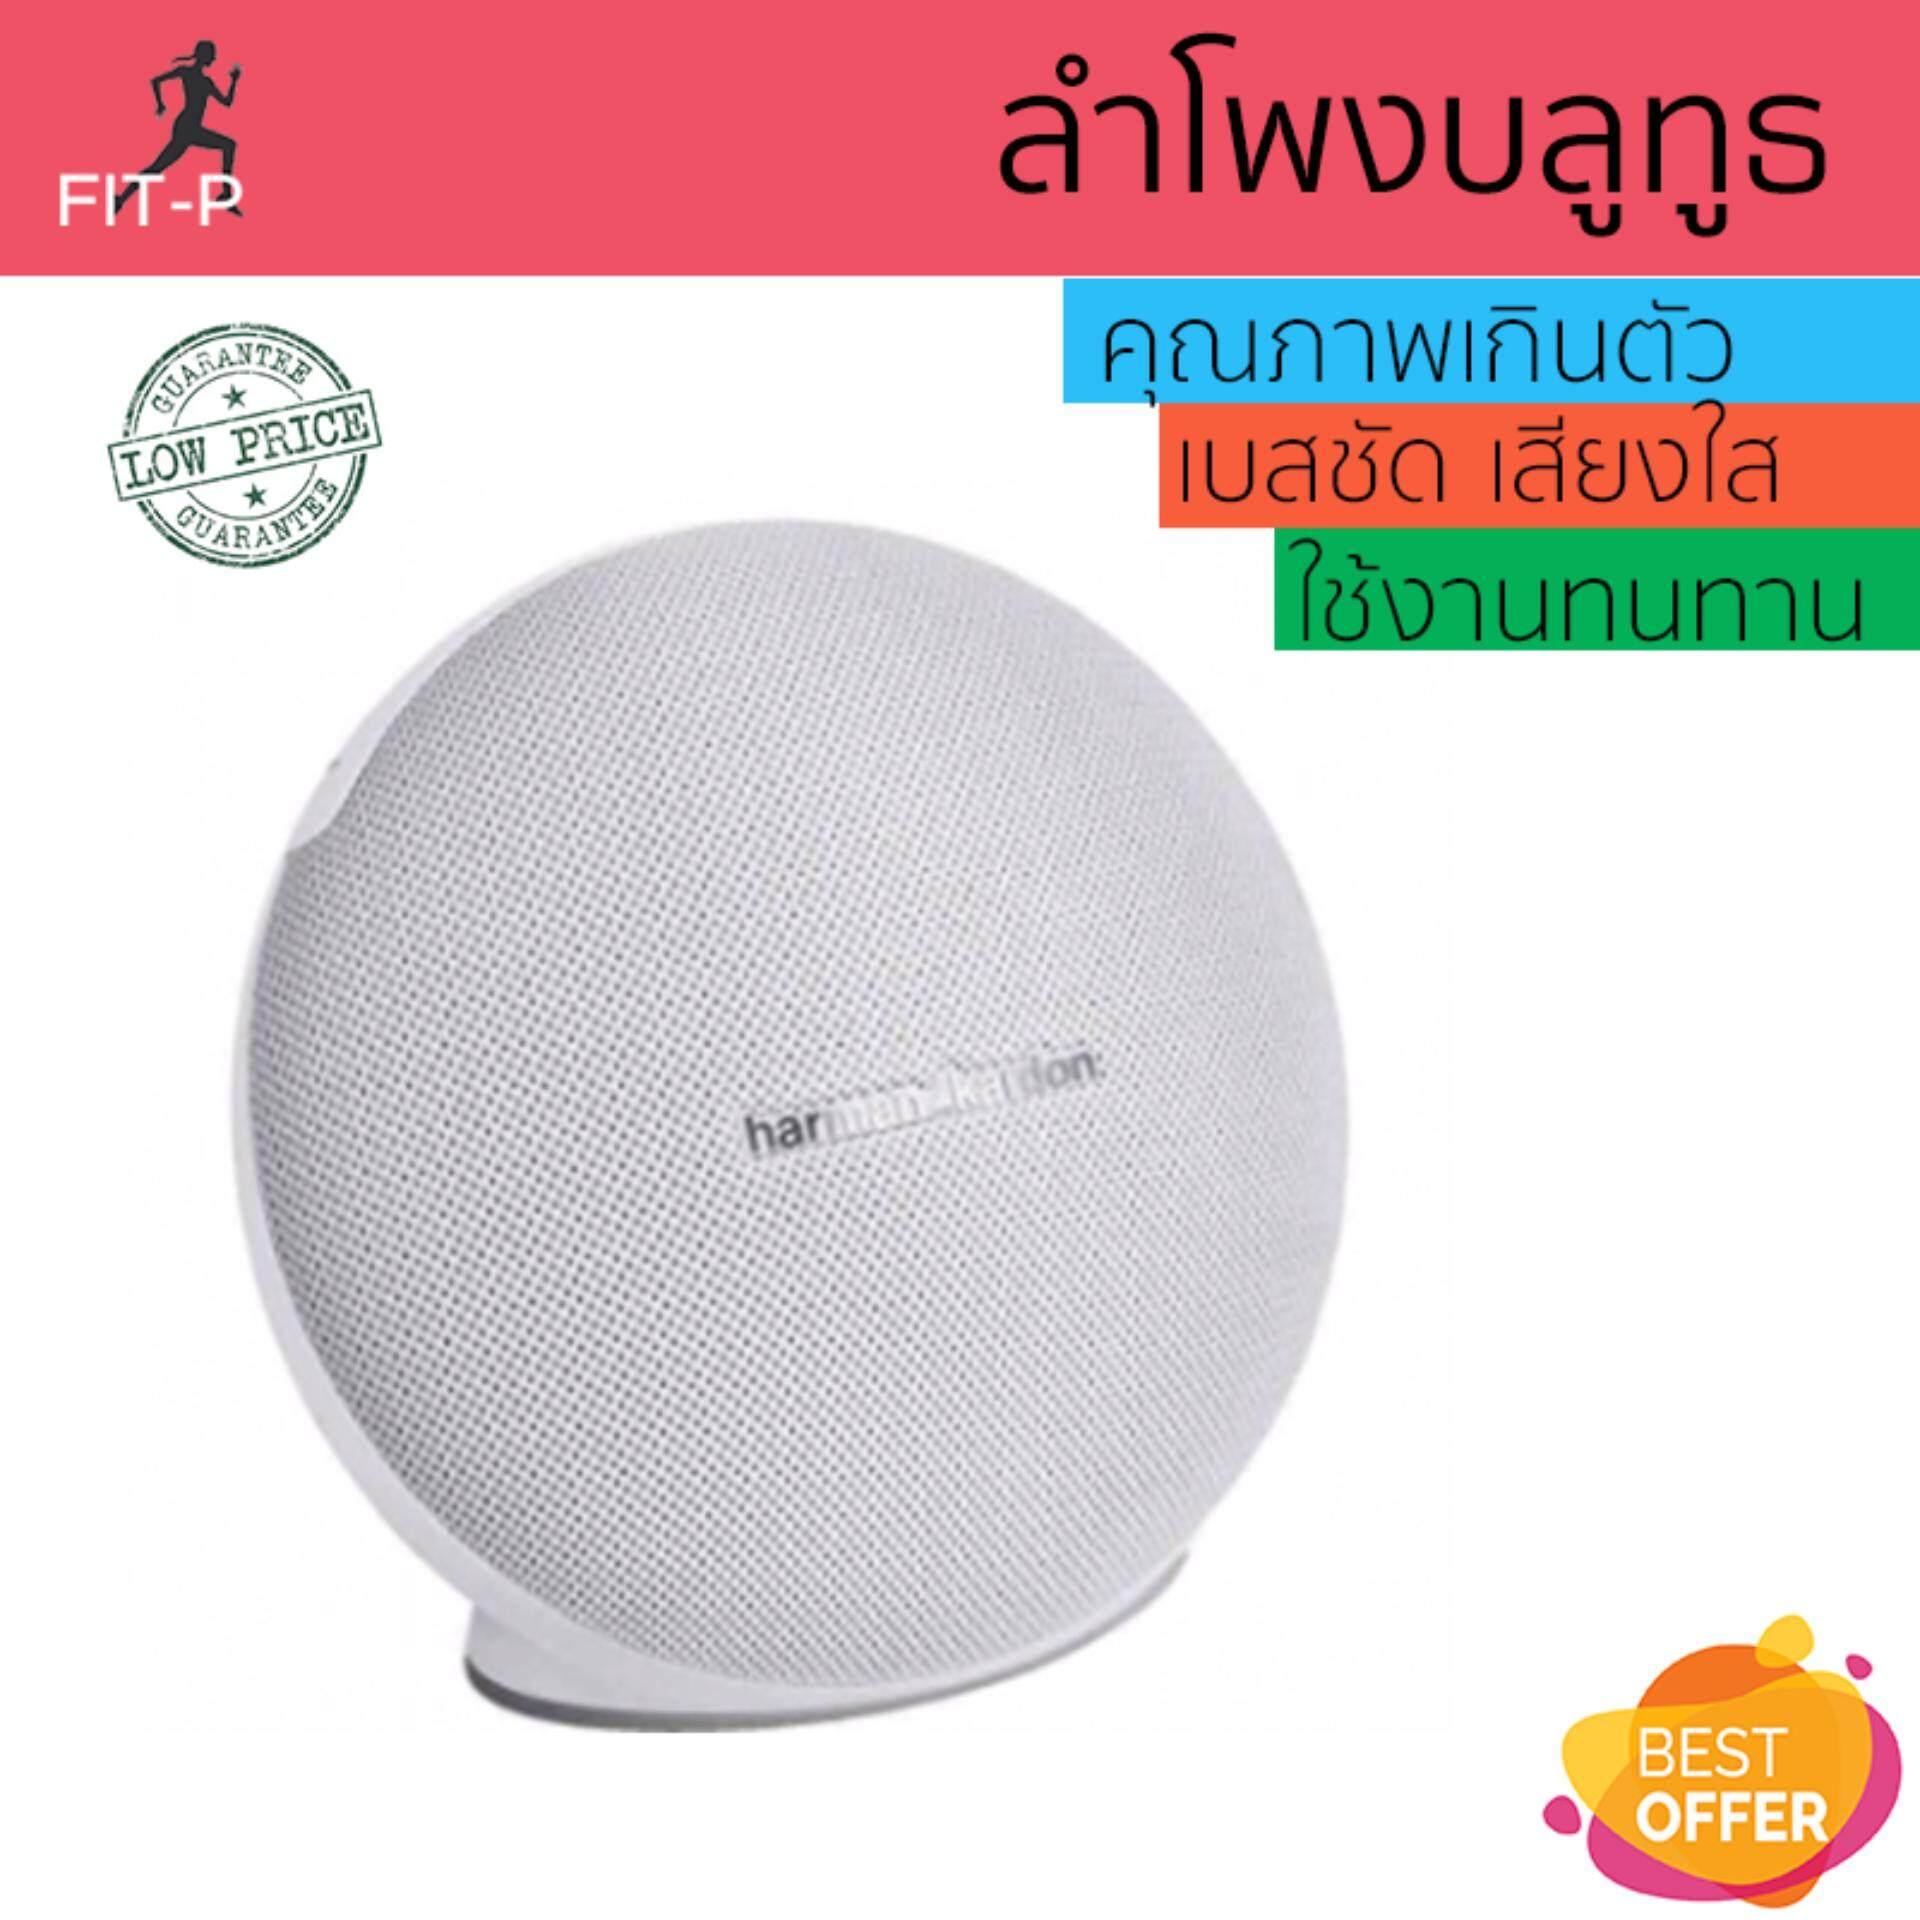 ยี่ห้อนี้ดีไหม  พระนครศรีอยุธยา จัดส่งฟรี ลำโพงบลูทูธ  Harman Kardon Bluetooth Speaker 2.1 Onyx Mini White เสียงใส คุณภาพเกินตัว Wireless Bluetooth Speaker รับประกัน 1 ปี